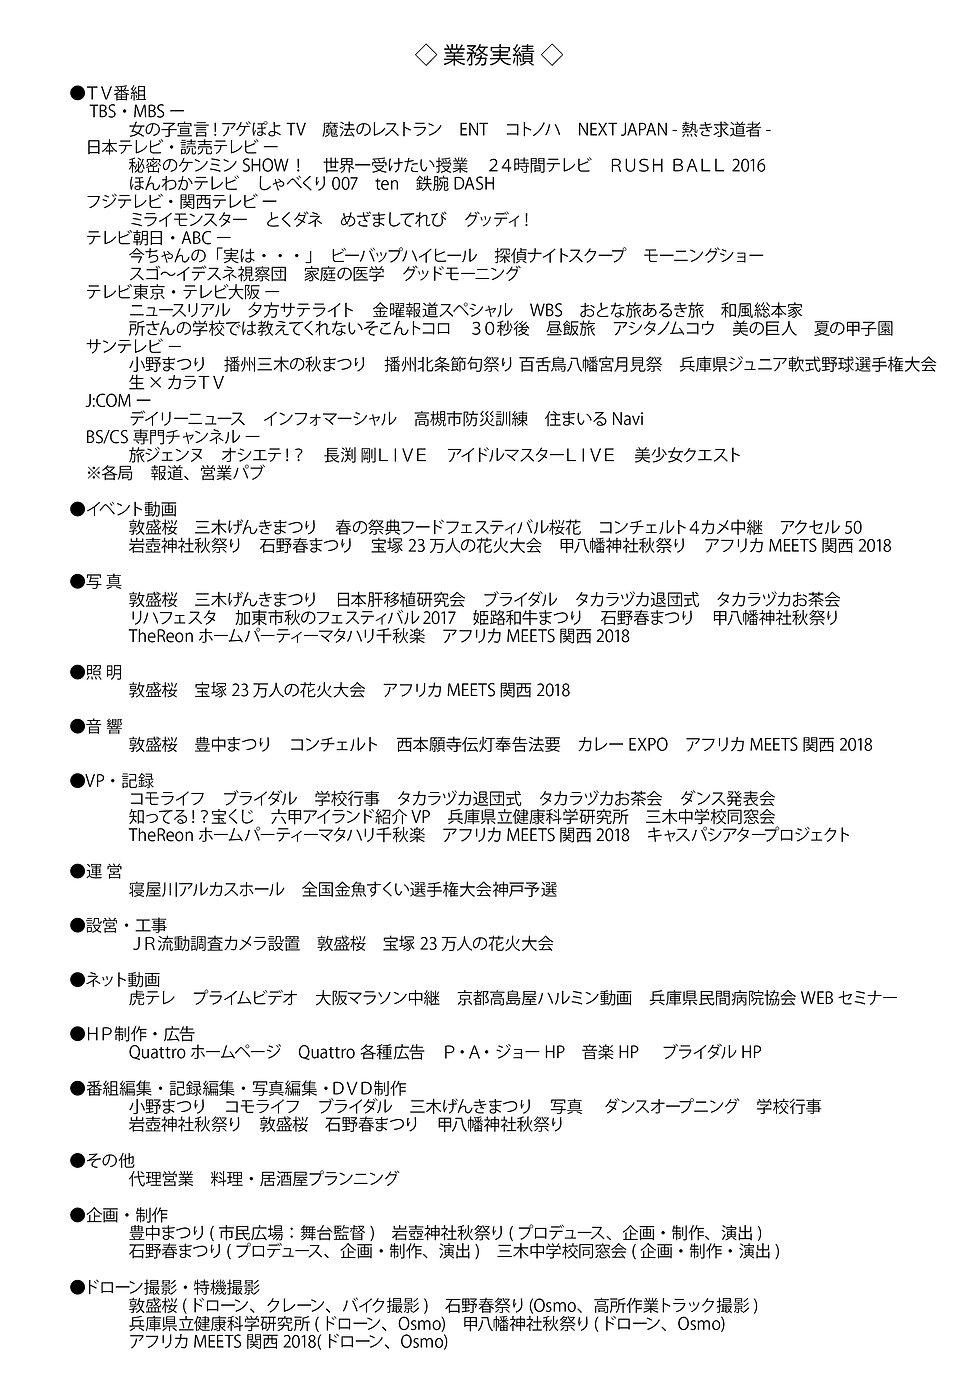 株式会社Quattro業務実績20210401.jpg